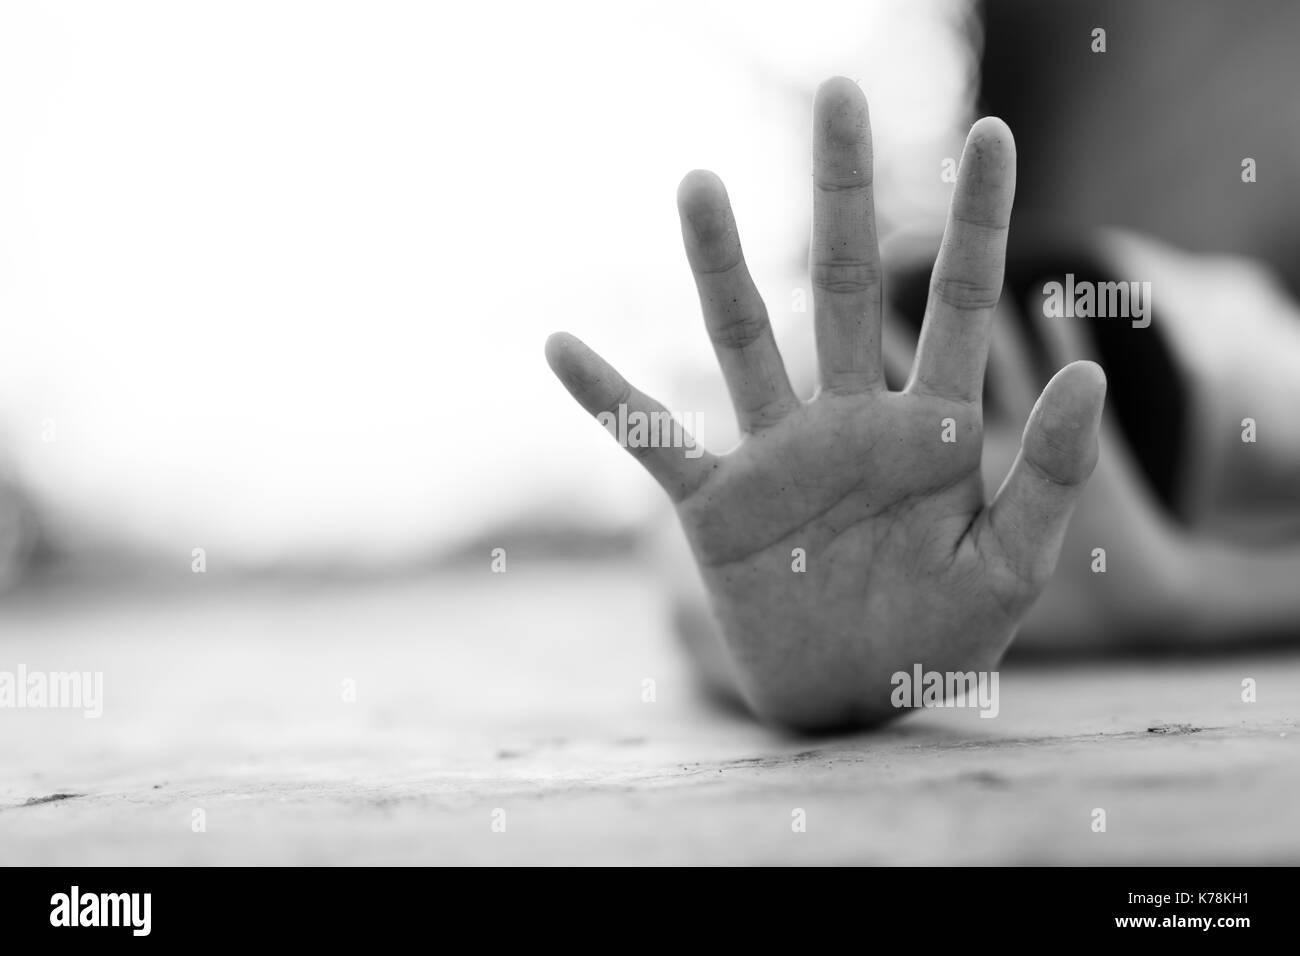 Inhumane Imágenes De Stock & Inhumane Fotos De Stock - Alamy